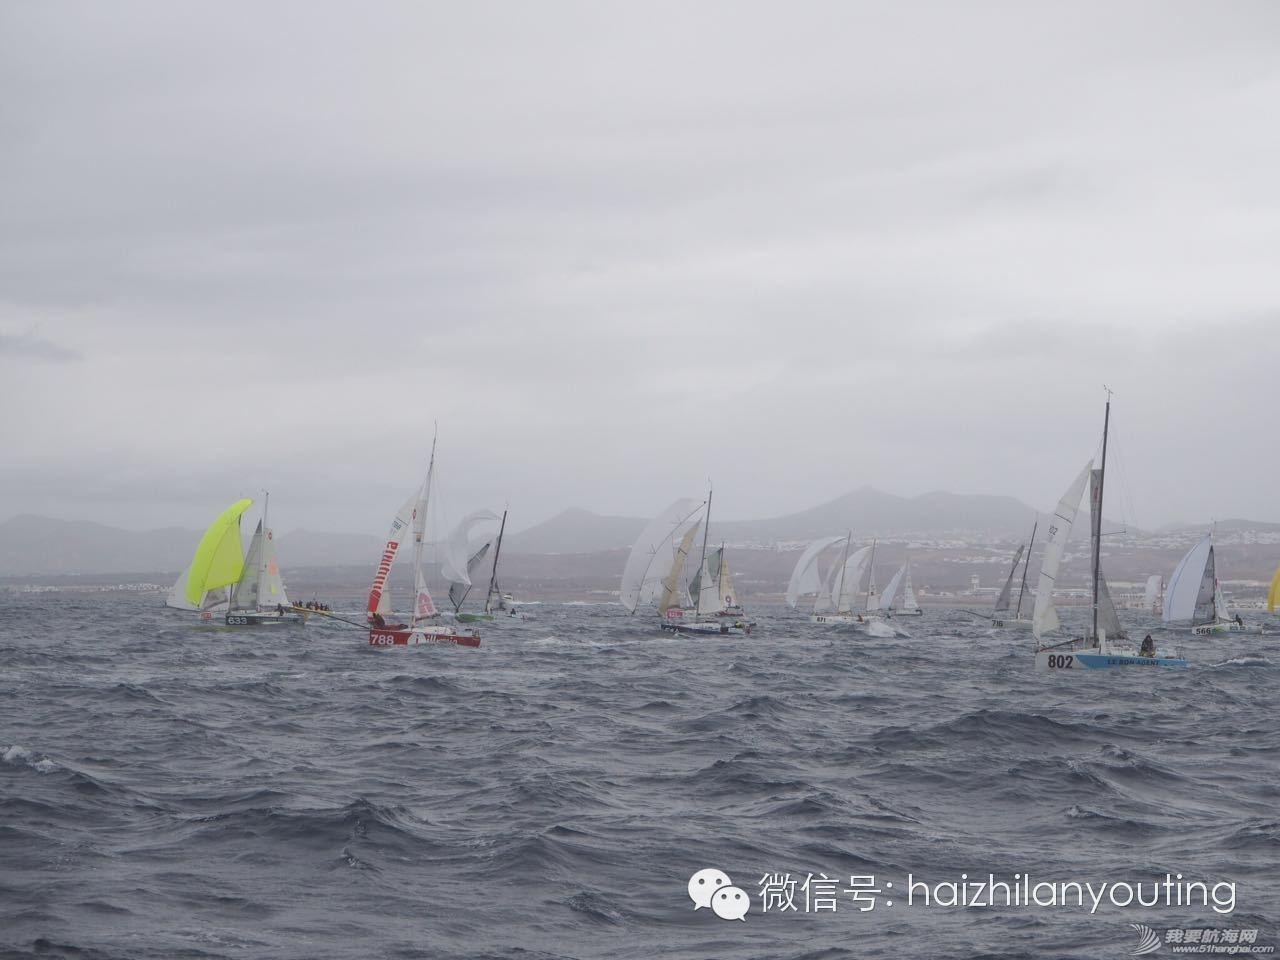 大西洋,中国海,朋友,决战 京坤在MINI TRANSAT | Mini transat第二赛段起航,决战大西洋 bf68b3bc8319039e83c43ae995c2ed22.jpg